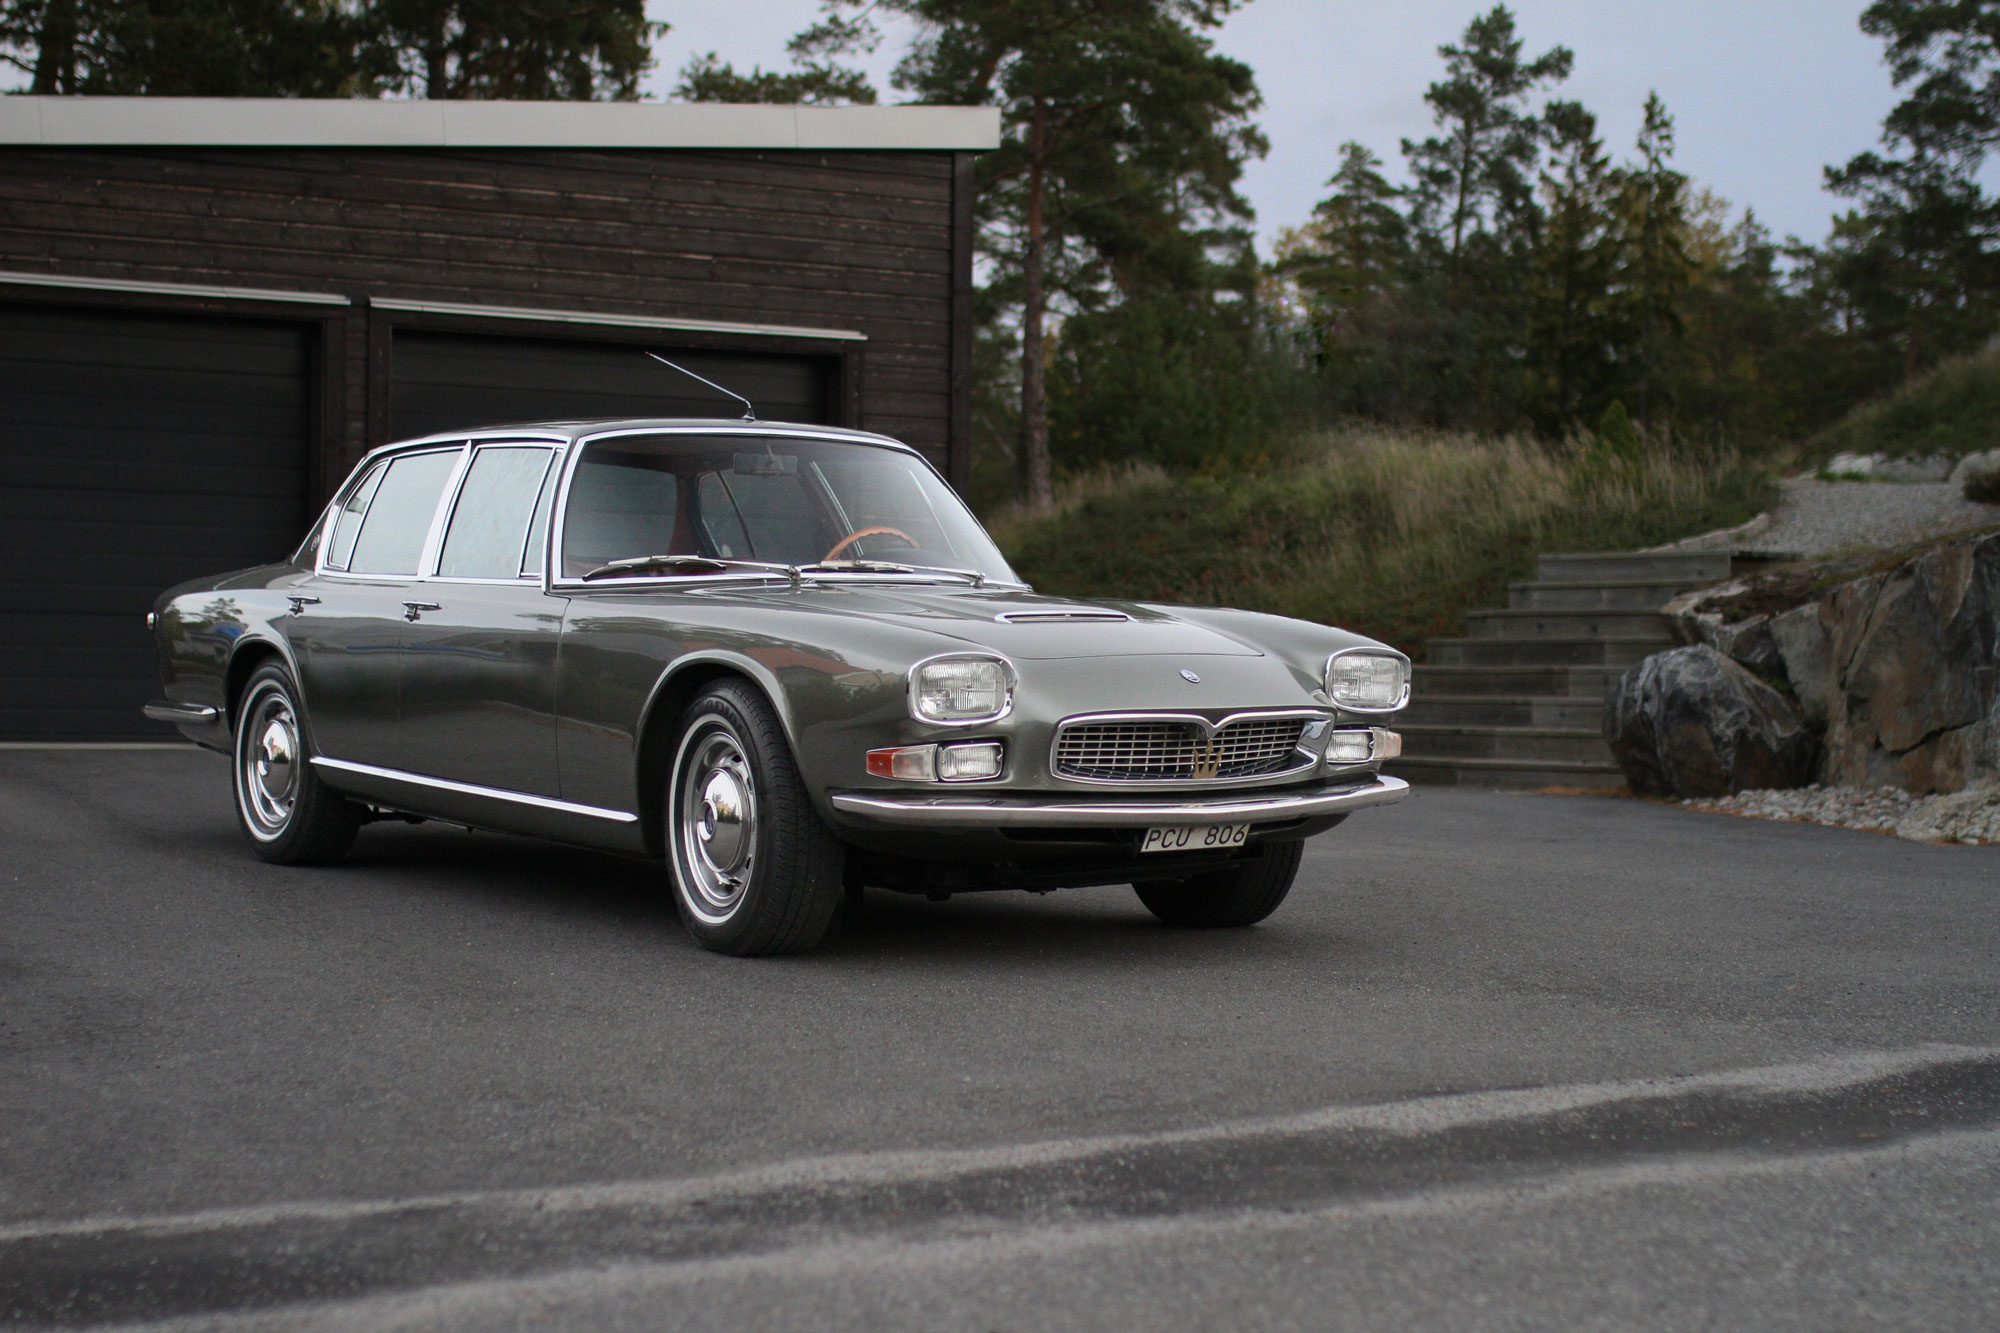 Maserati Quattroporte parkerad in the driveway